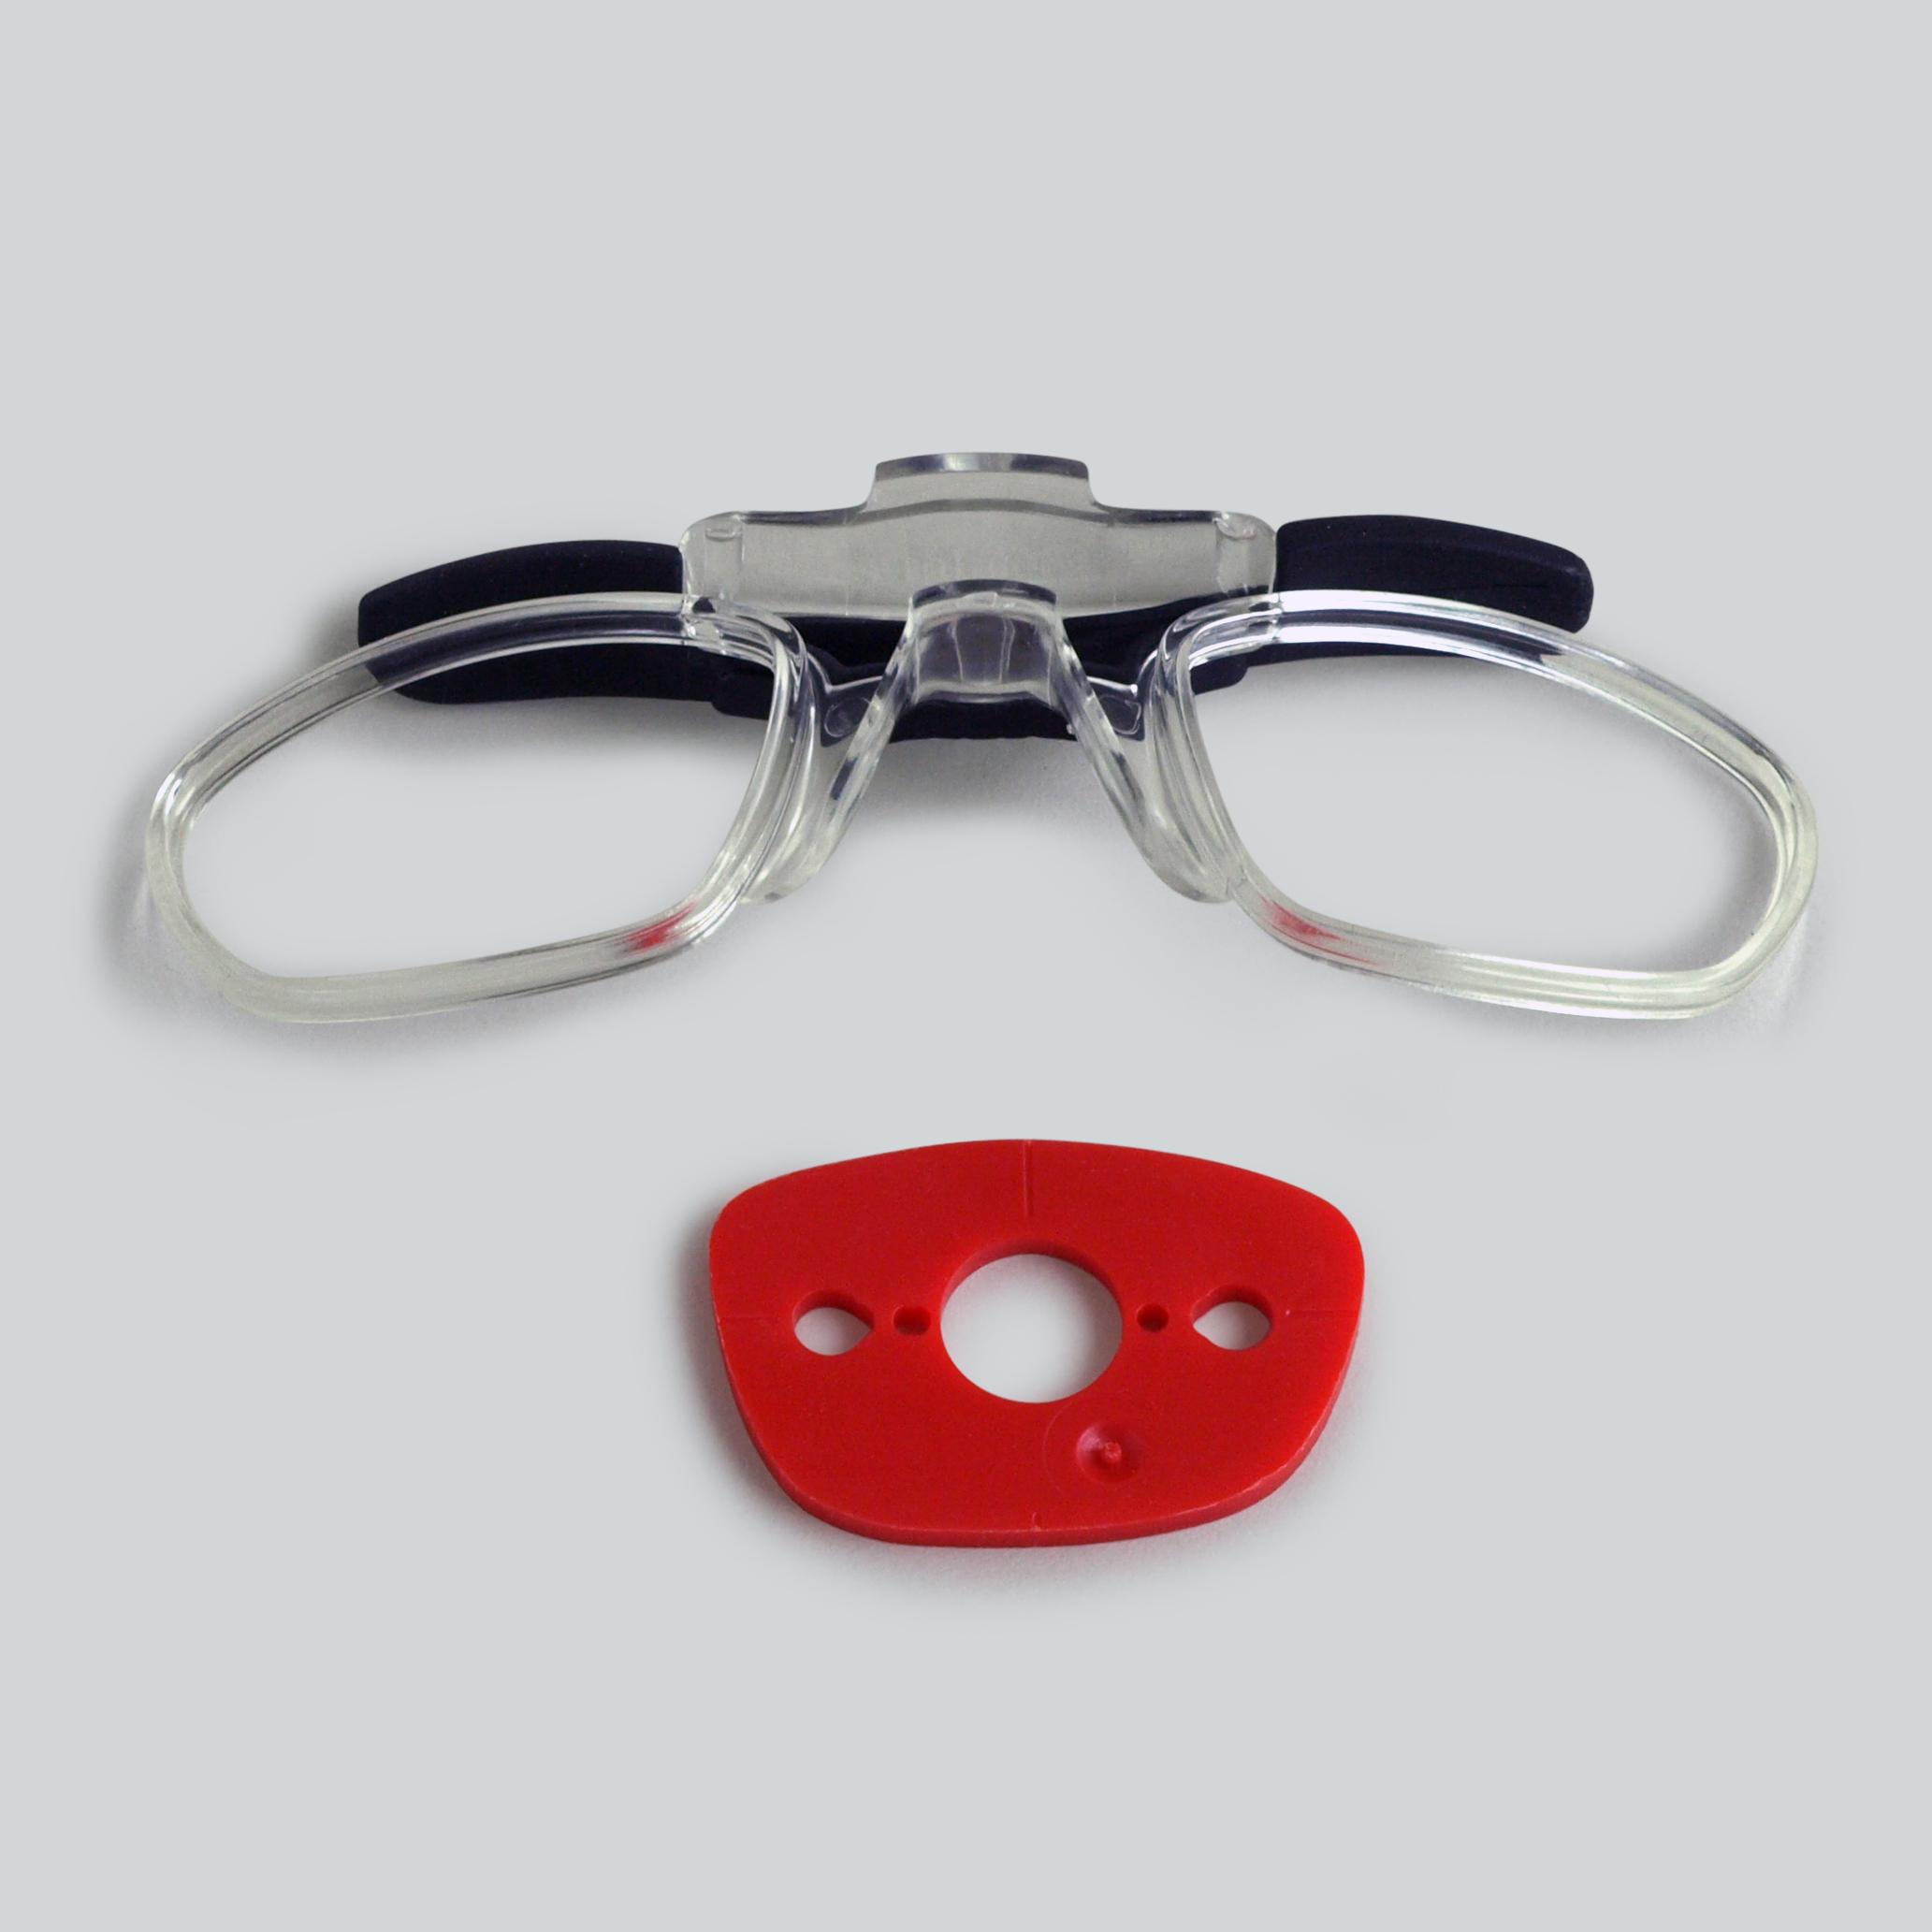 heinrici einsatz f r geschliffenen gl ser f r brille mit seitenlichtblenden. Black Bedroom Furniture Sets. Home Design Ideas